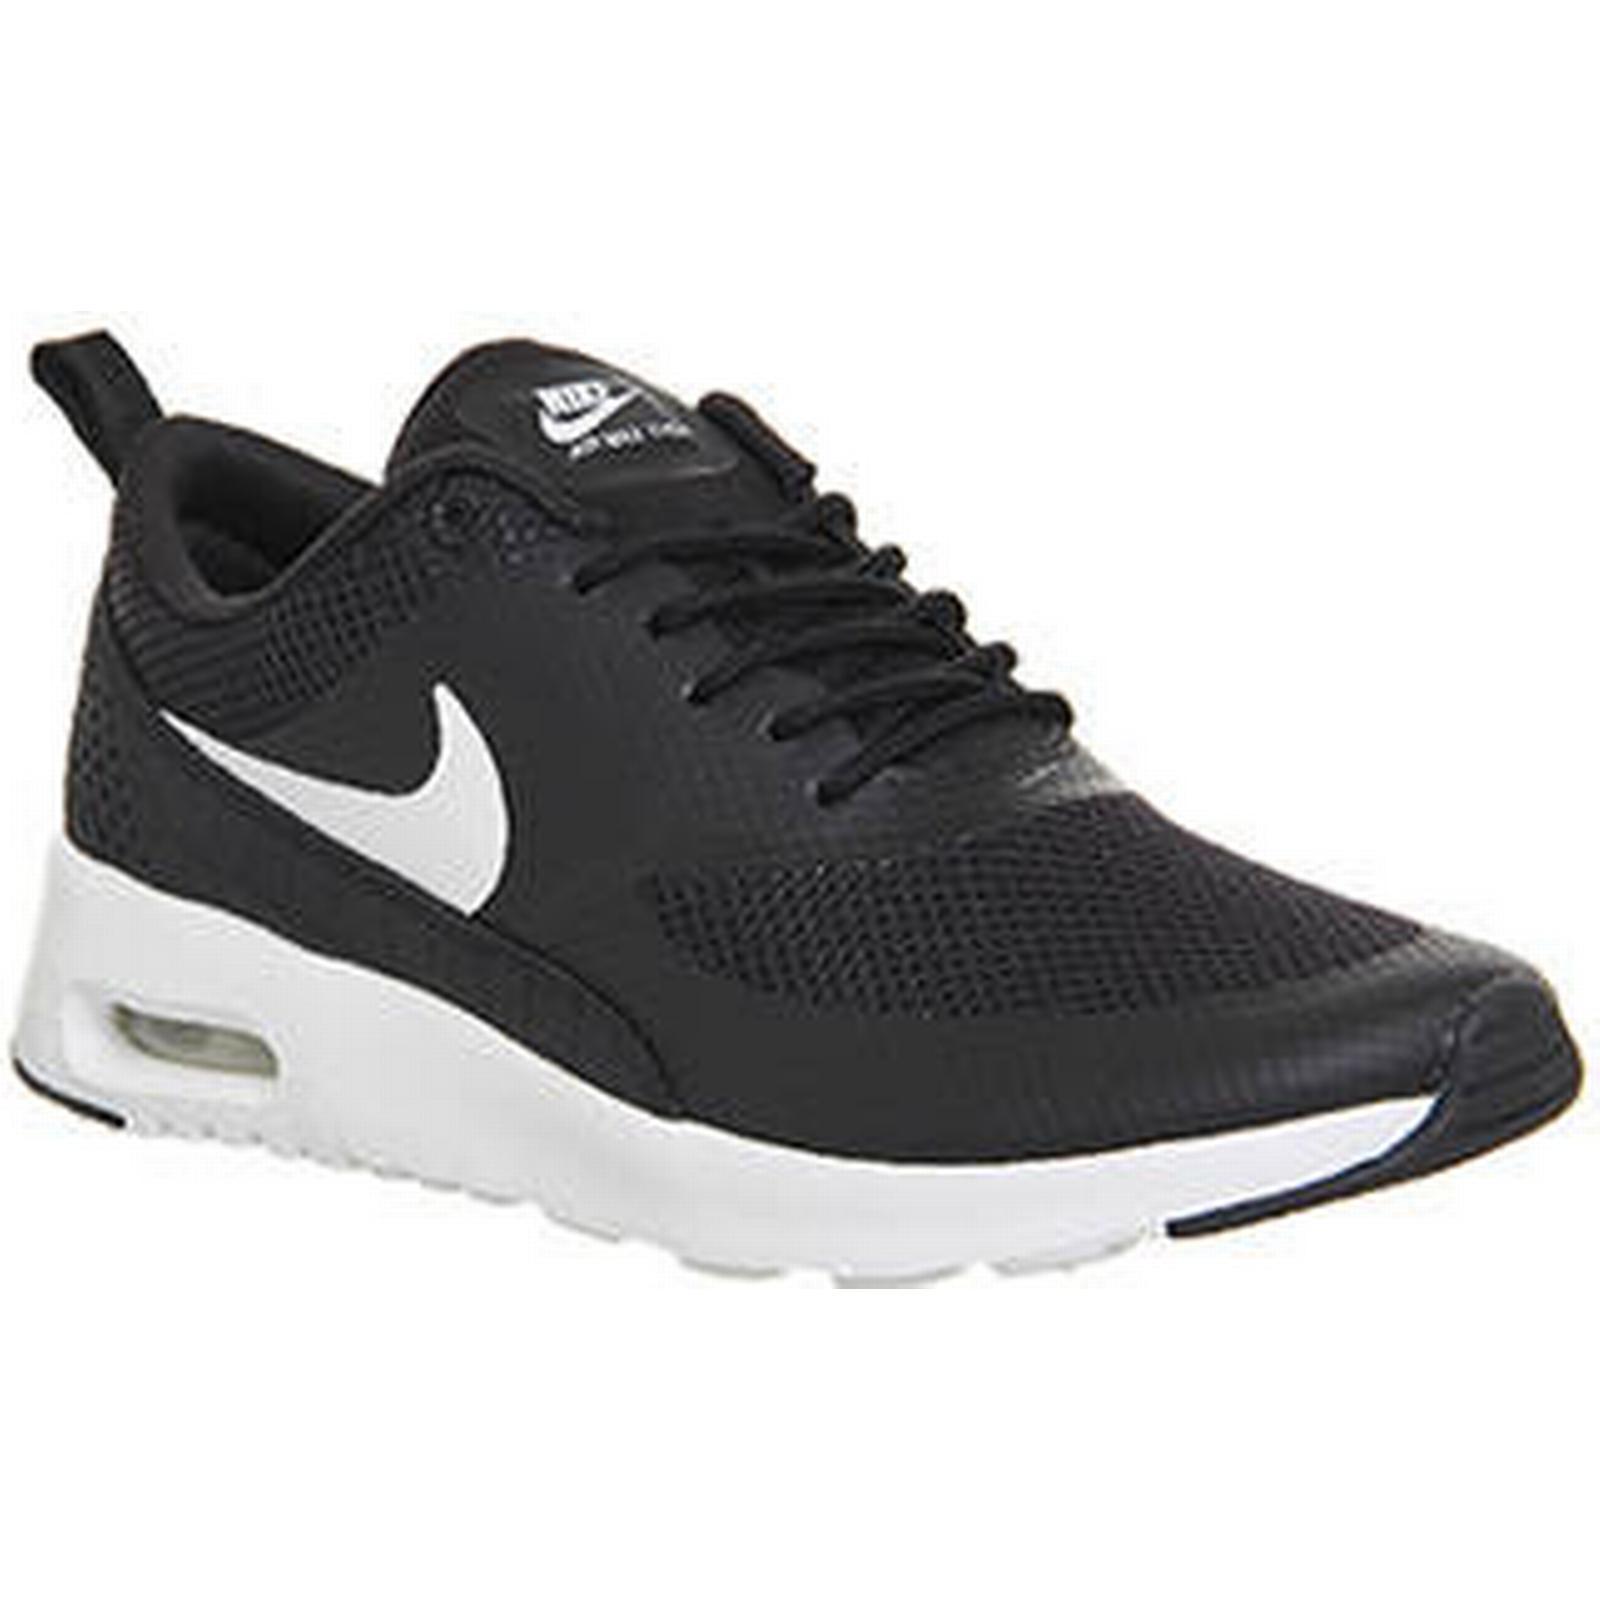 Nike Air Air Nike Max Thea BLACK WHITE 54cca0